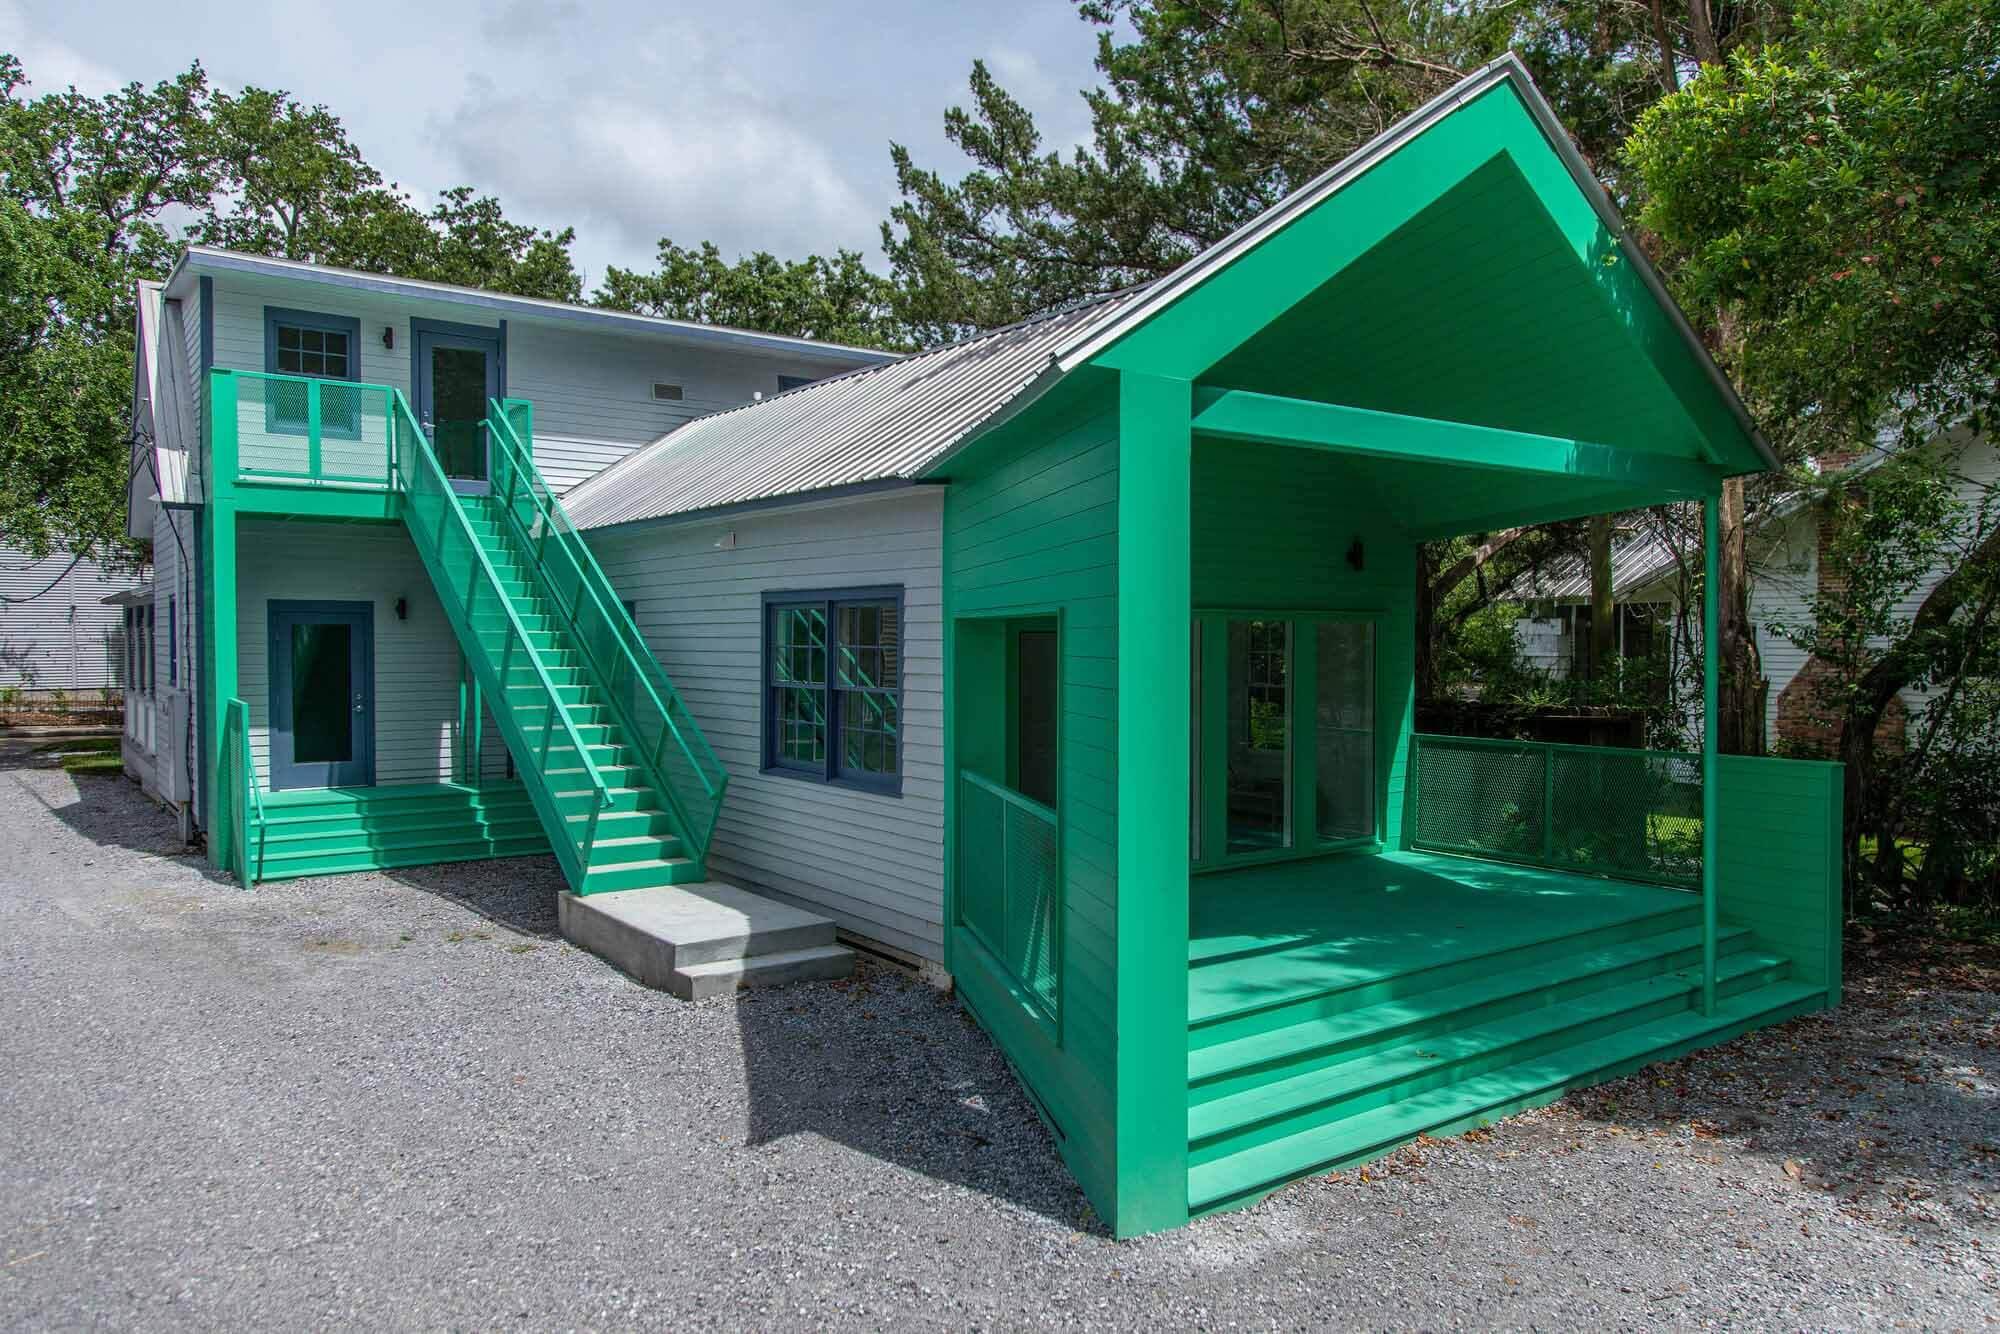 Художественный музей Уолтера Андерсона — Дом искусств Кортни Блоссман / Высокие архитекторы